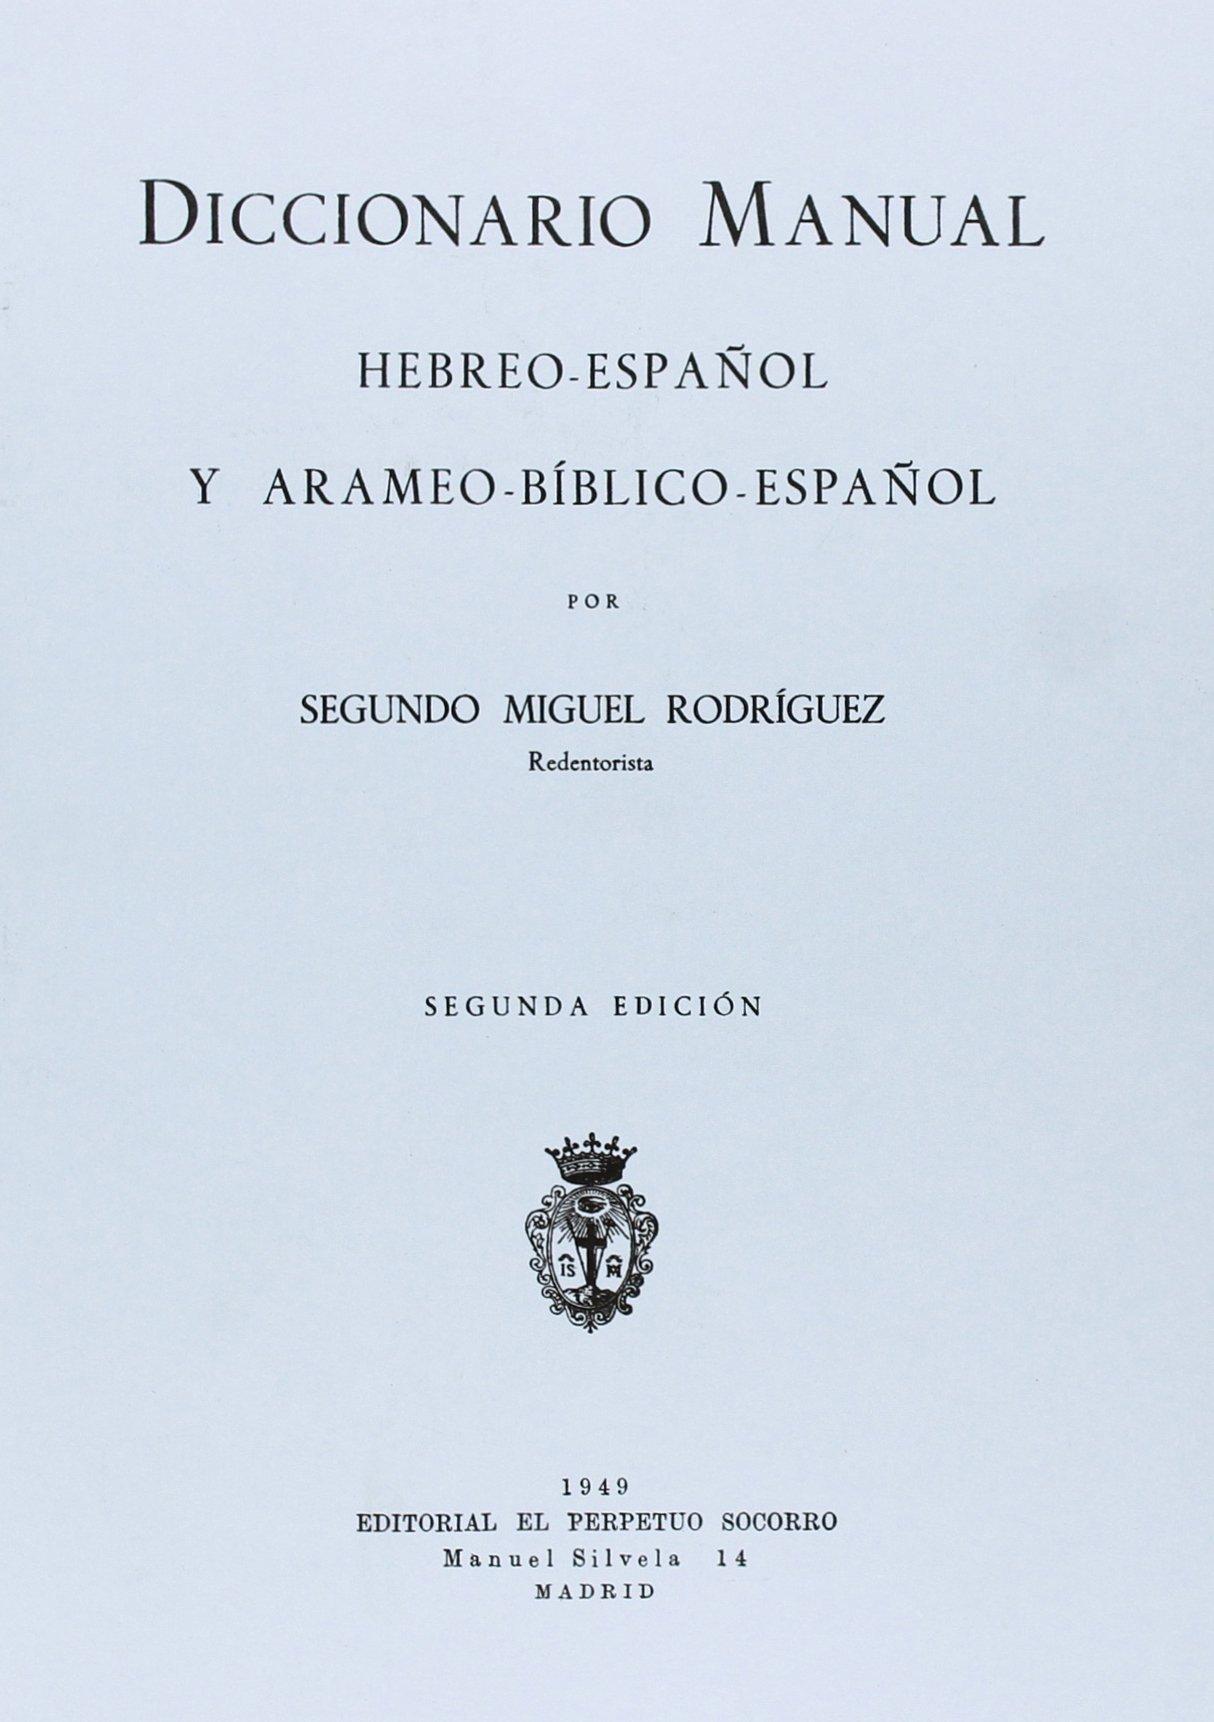 Diccionario manual hebreo-español y arameo bíblico-español: Segundo Miguel  Rodríguez: 9788428400947: Amazon.com: Books